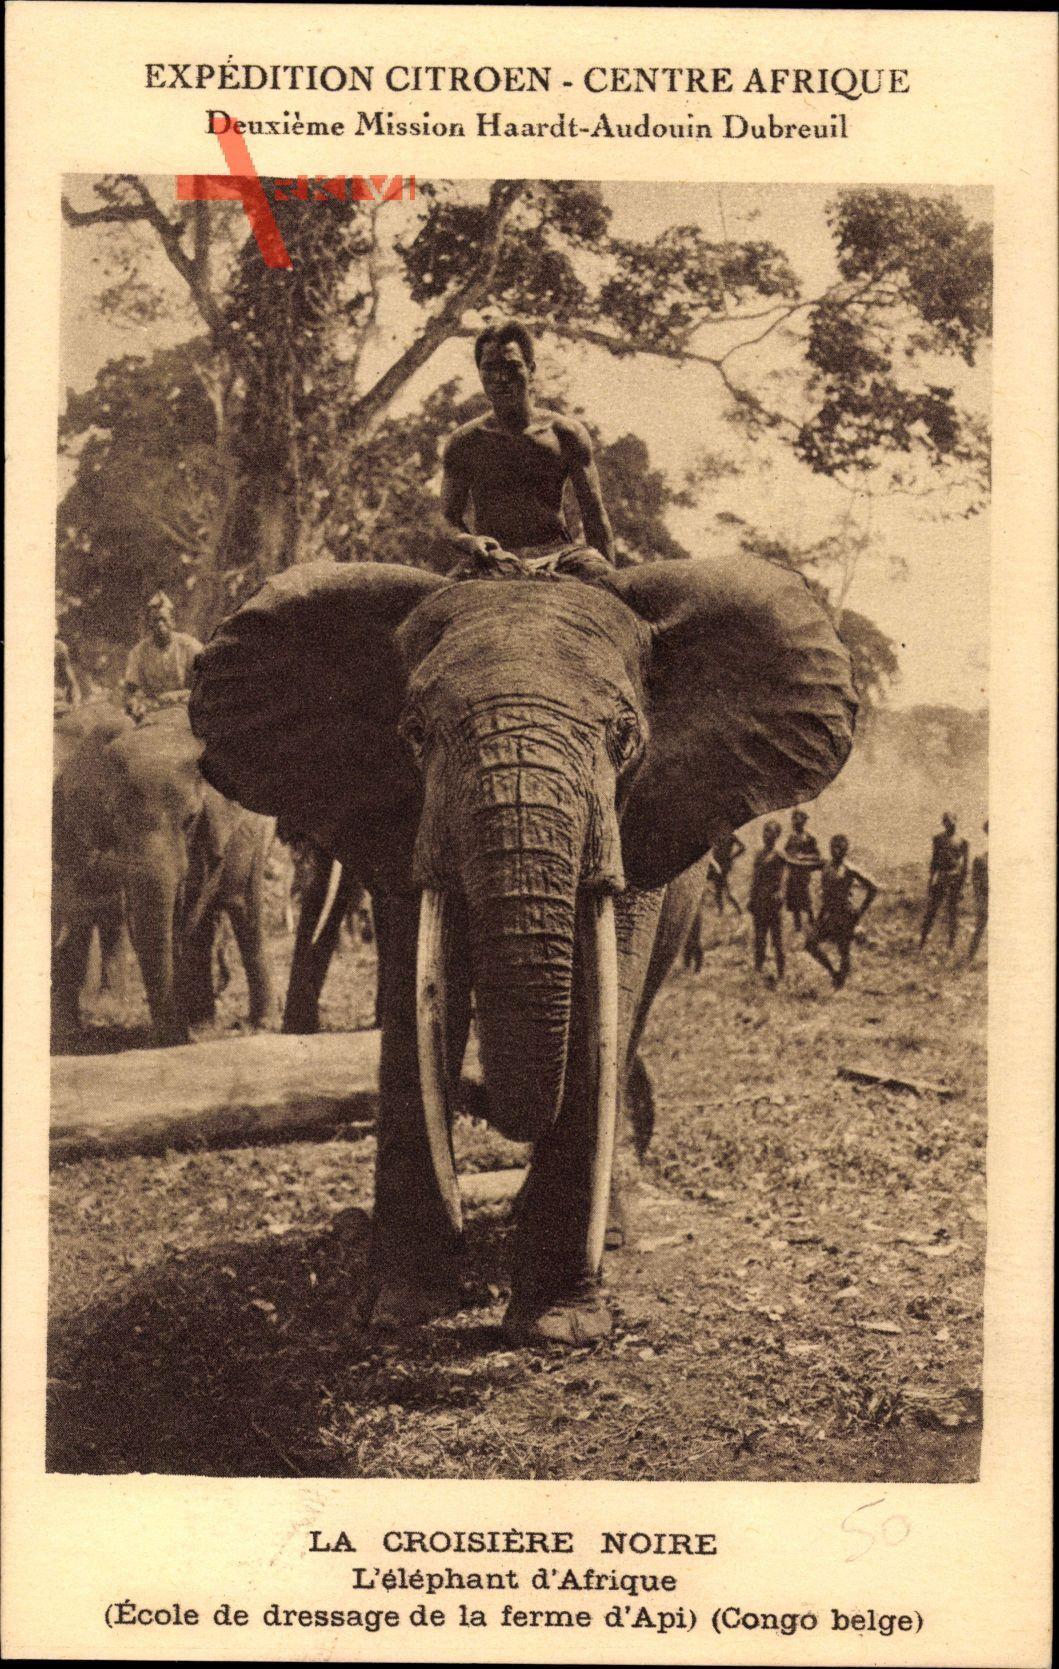 Demo. Rep. Kongo Zaire, Expédition Citroen, Elefant, Croisière Noire